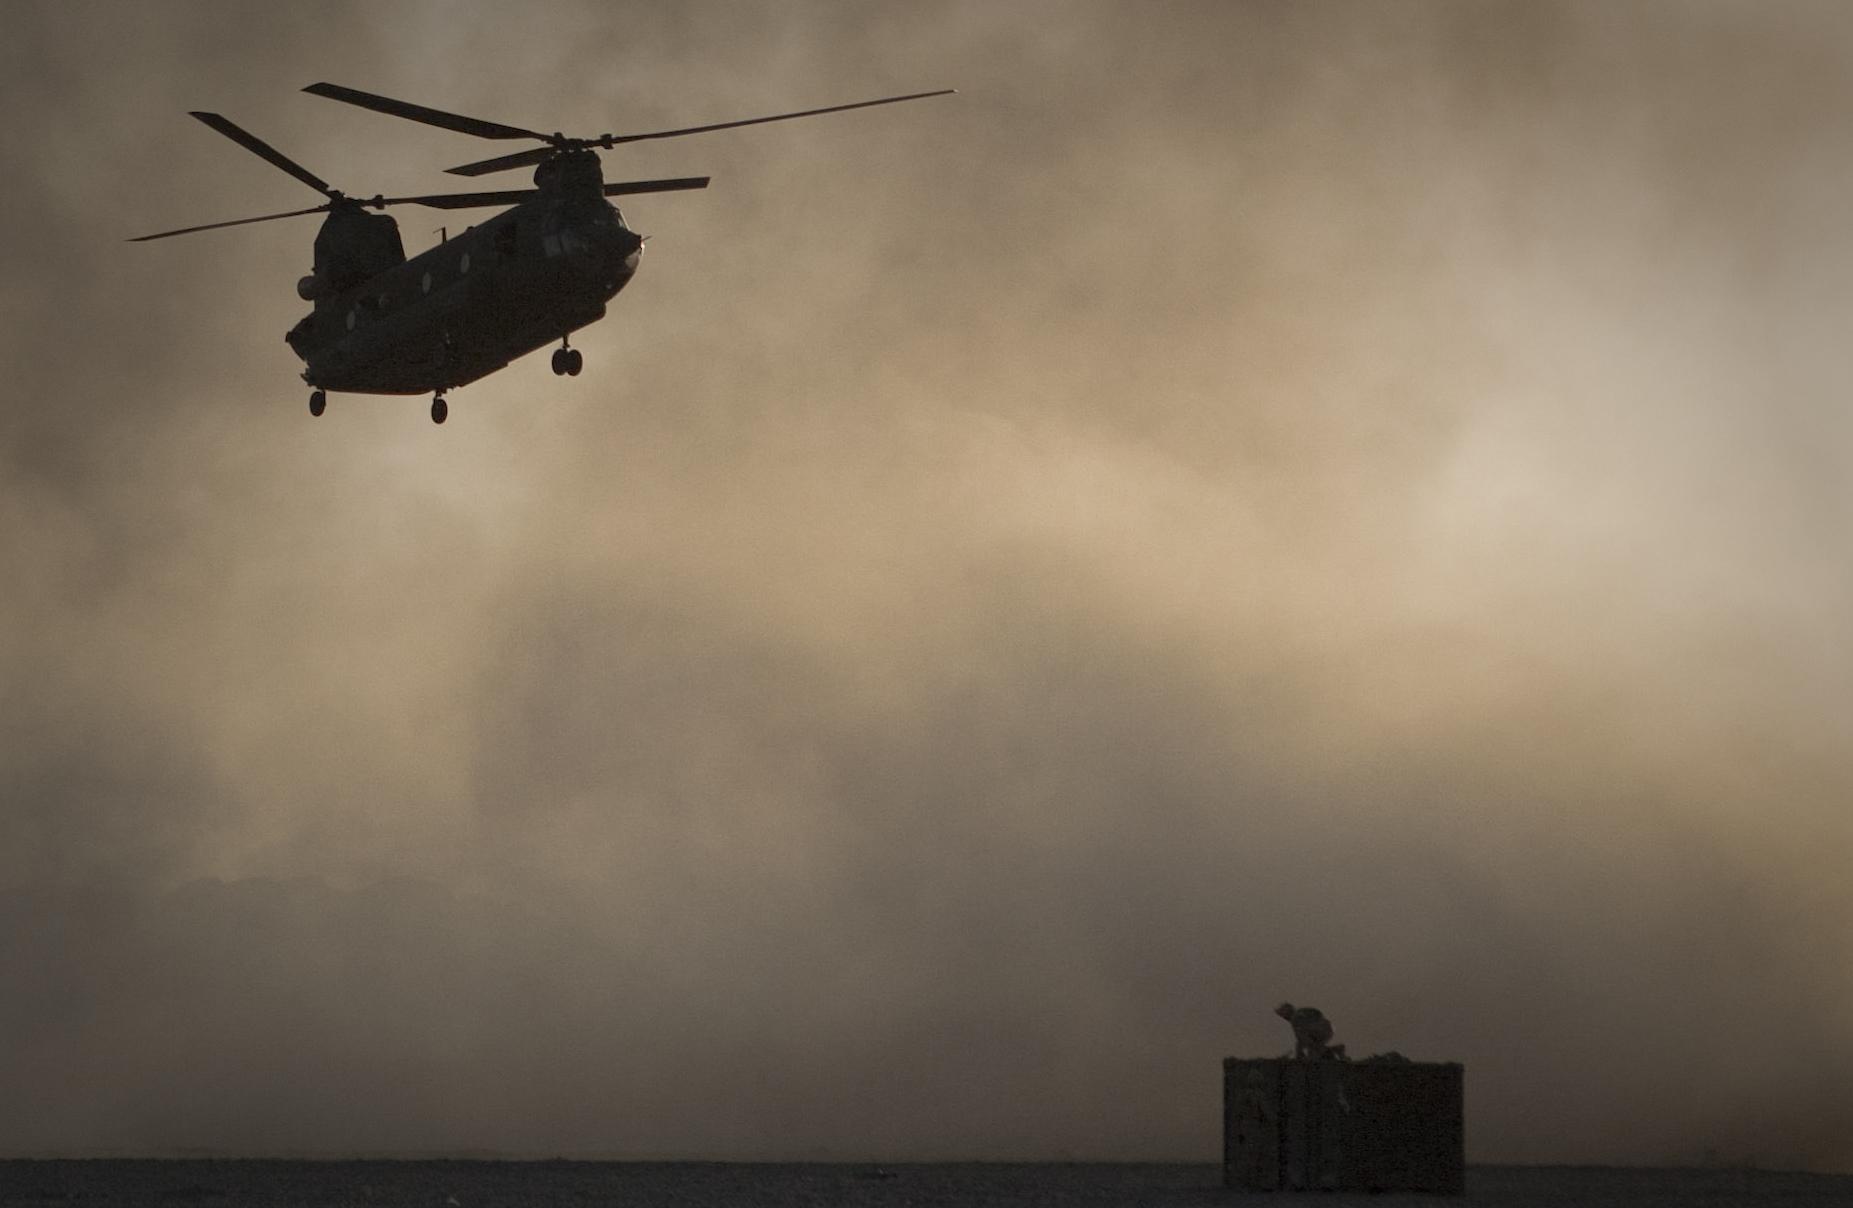 Οι Ταλιμπάν κατέρριψαν το αμερικανικό ελικόπτερο | tovima.gr